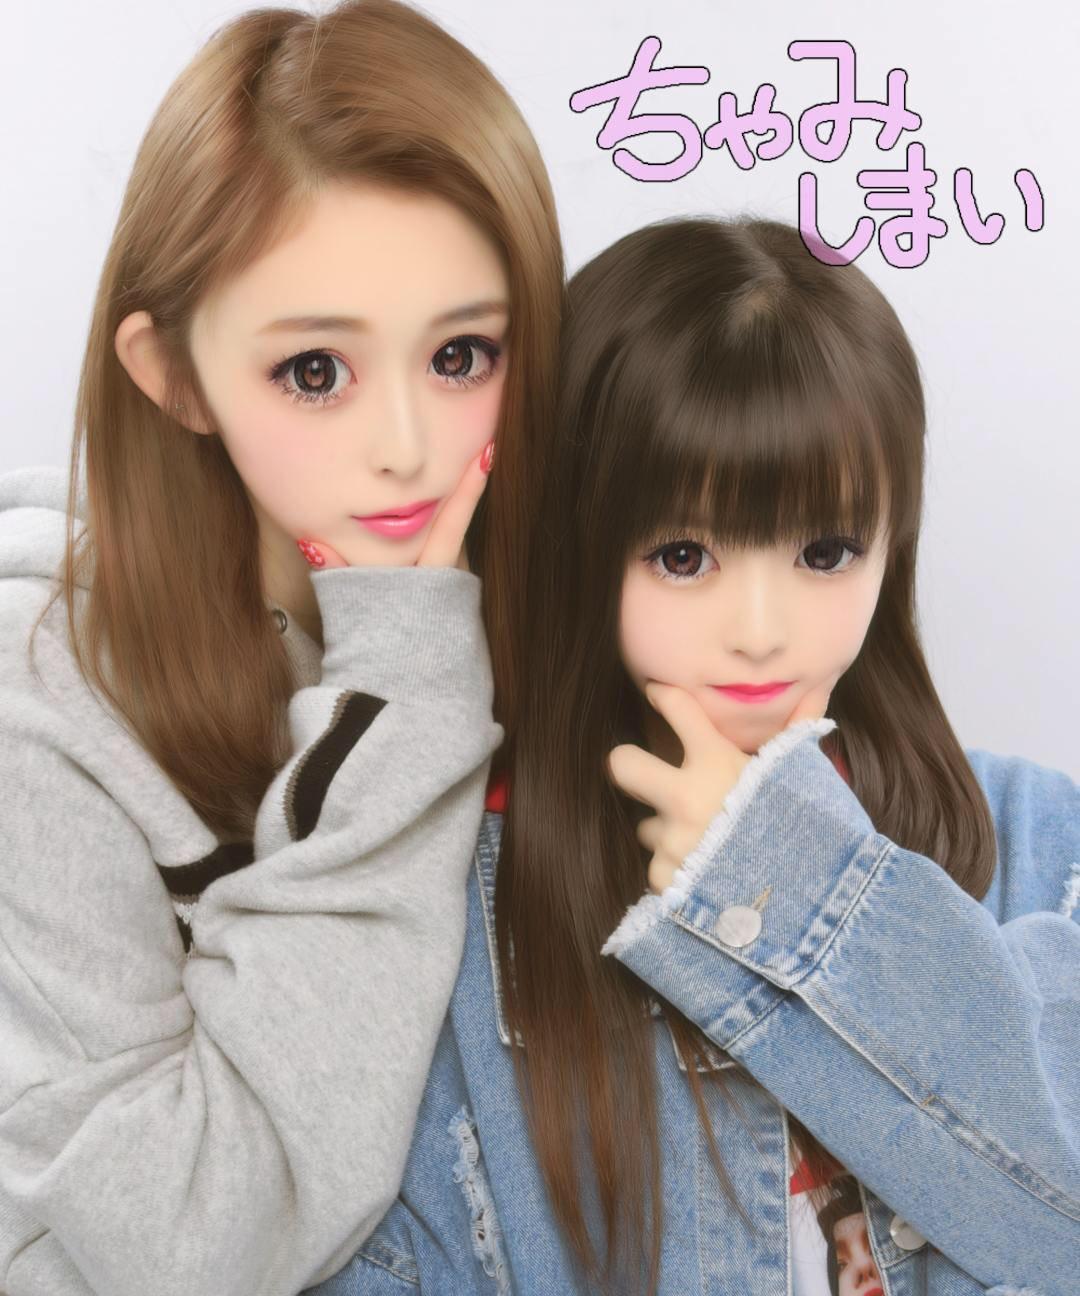 ゆうちゃみさんと妹画像